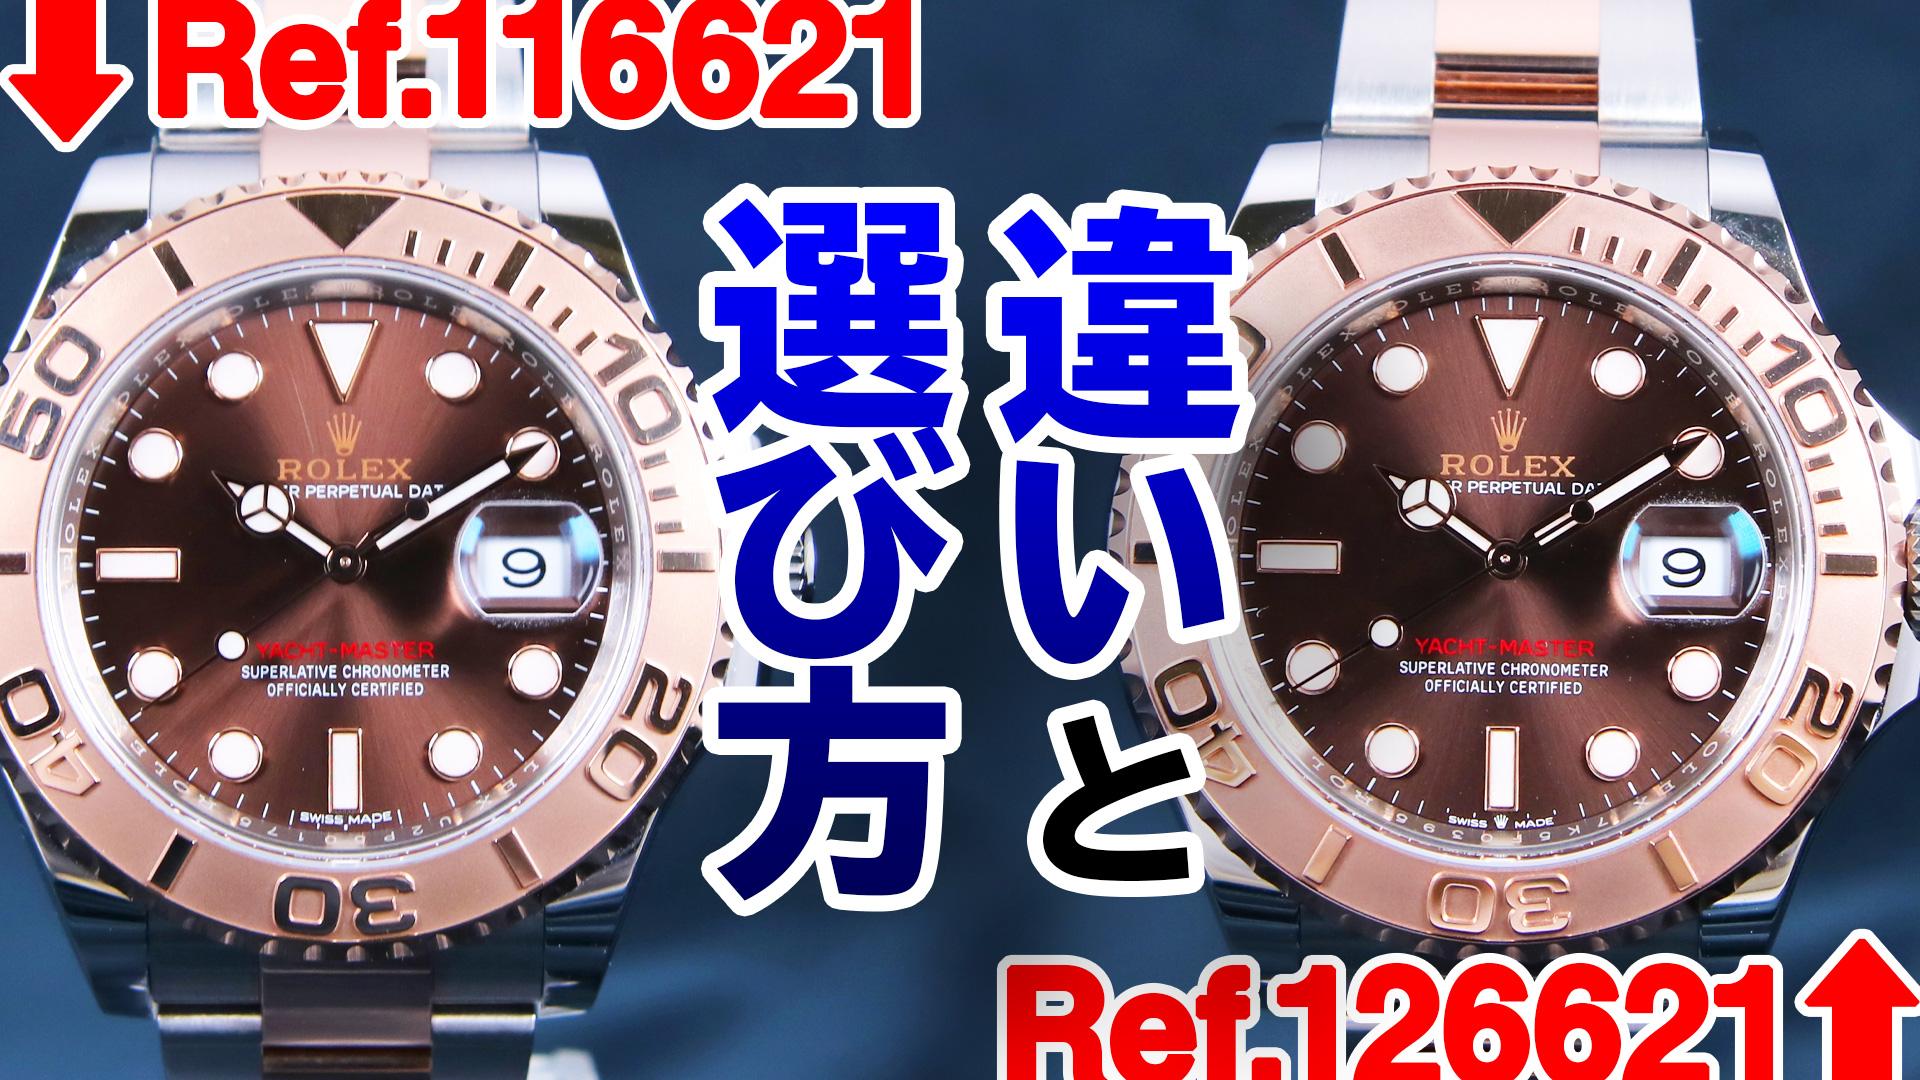 Ref.116621とRef.126621の違いと選び方